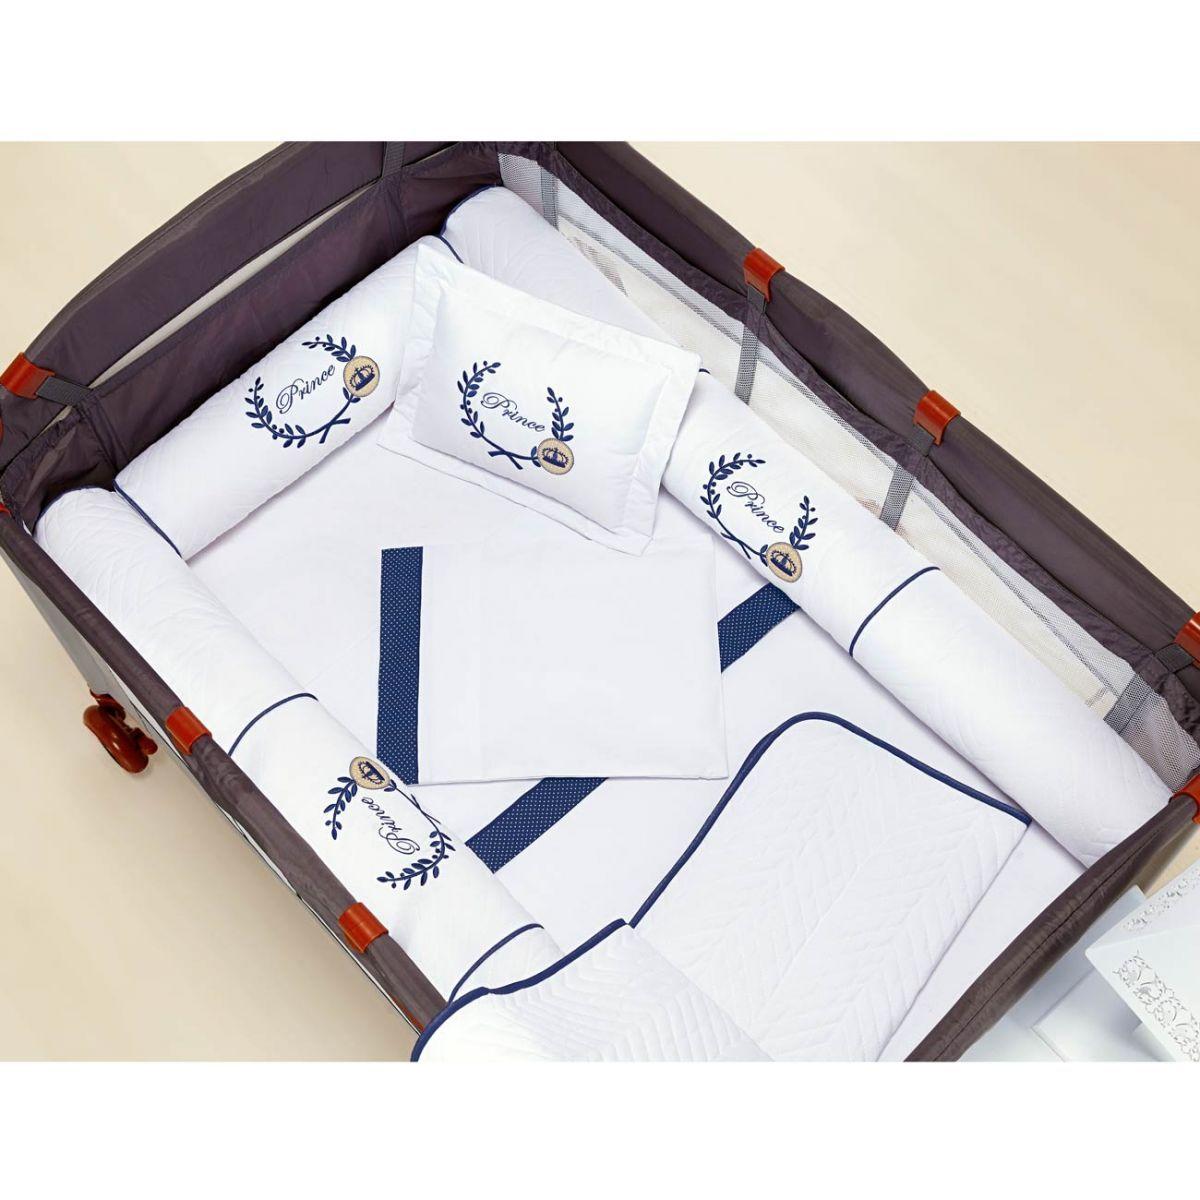 Kit para Berço Desmontável (Cercadinho) 8 Peças com jogo de Lençol 100% Algodão - Branco c/ Marinho